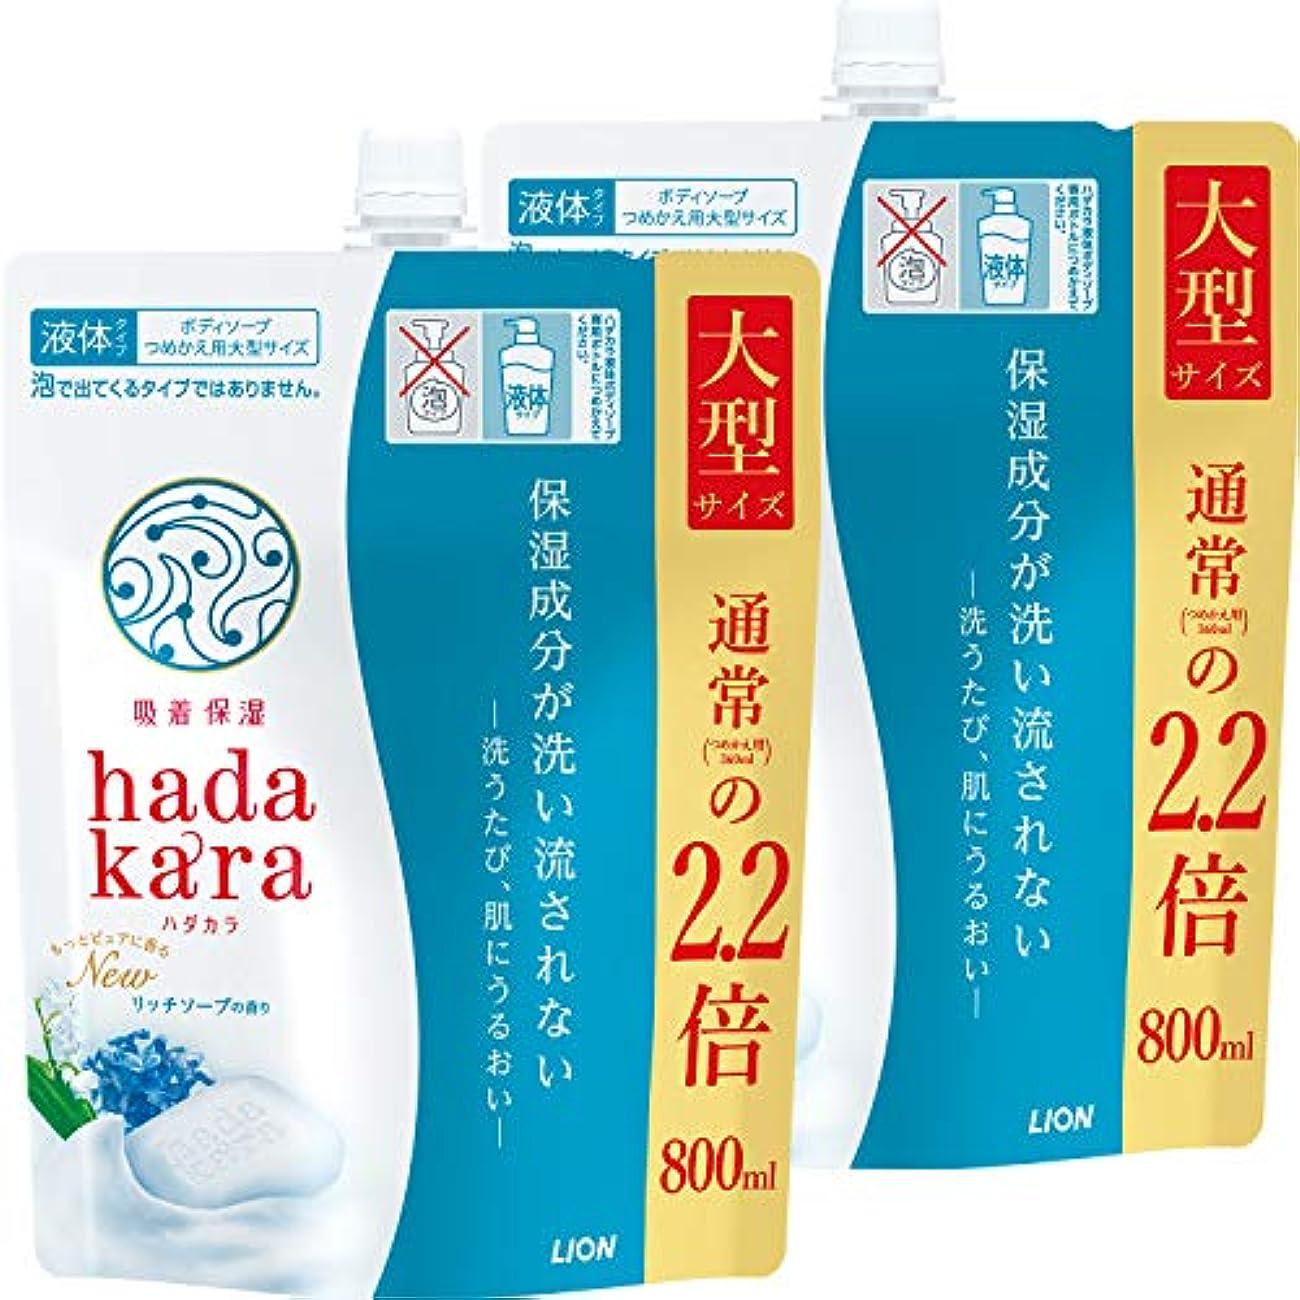 公平な産地自転車hadakara(ハダカラ) ボディソープ リッチソープの香り つめかえ用大型サイズ 800ml×2個